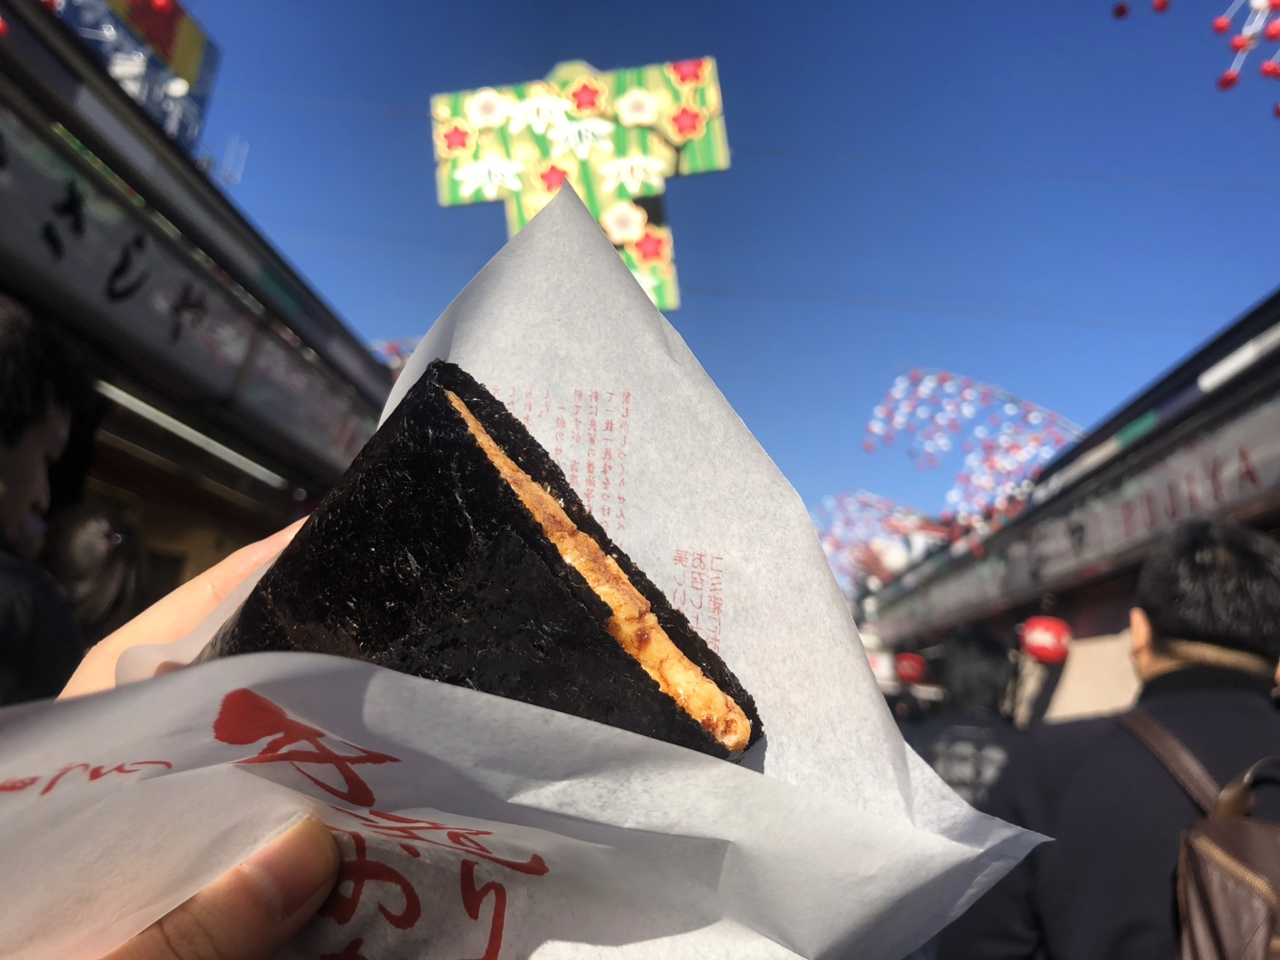 『PAUL』アトレ四谷店のモーニングブッフェをはじめ、『ディオール』や『ユニクロ』の記事が大人気!!!【今週のモアハピ部人気ランキング】_3_1